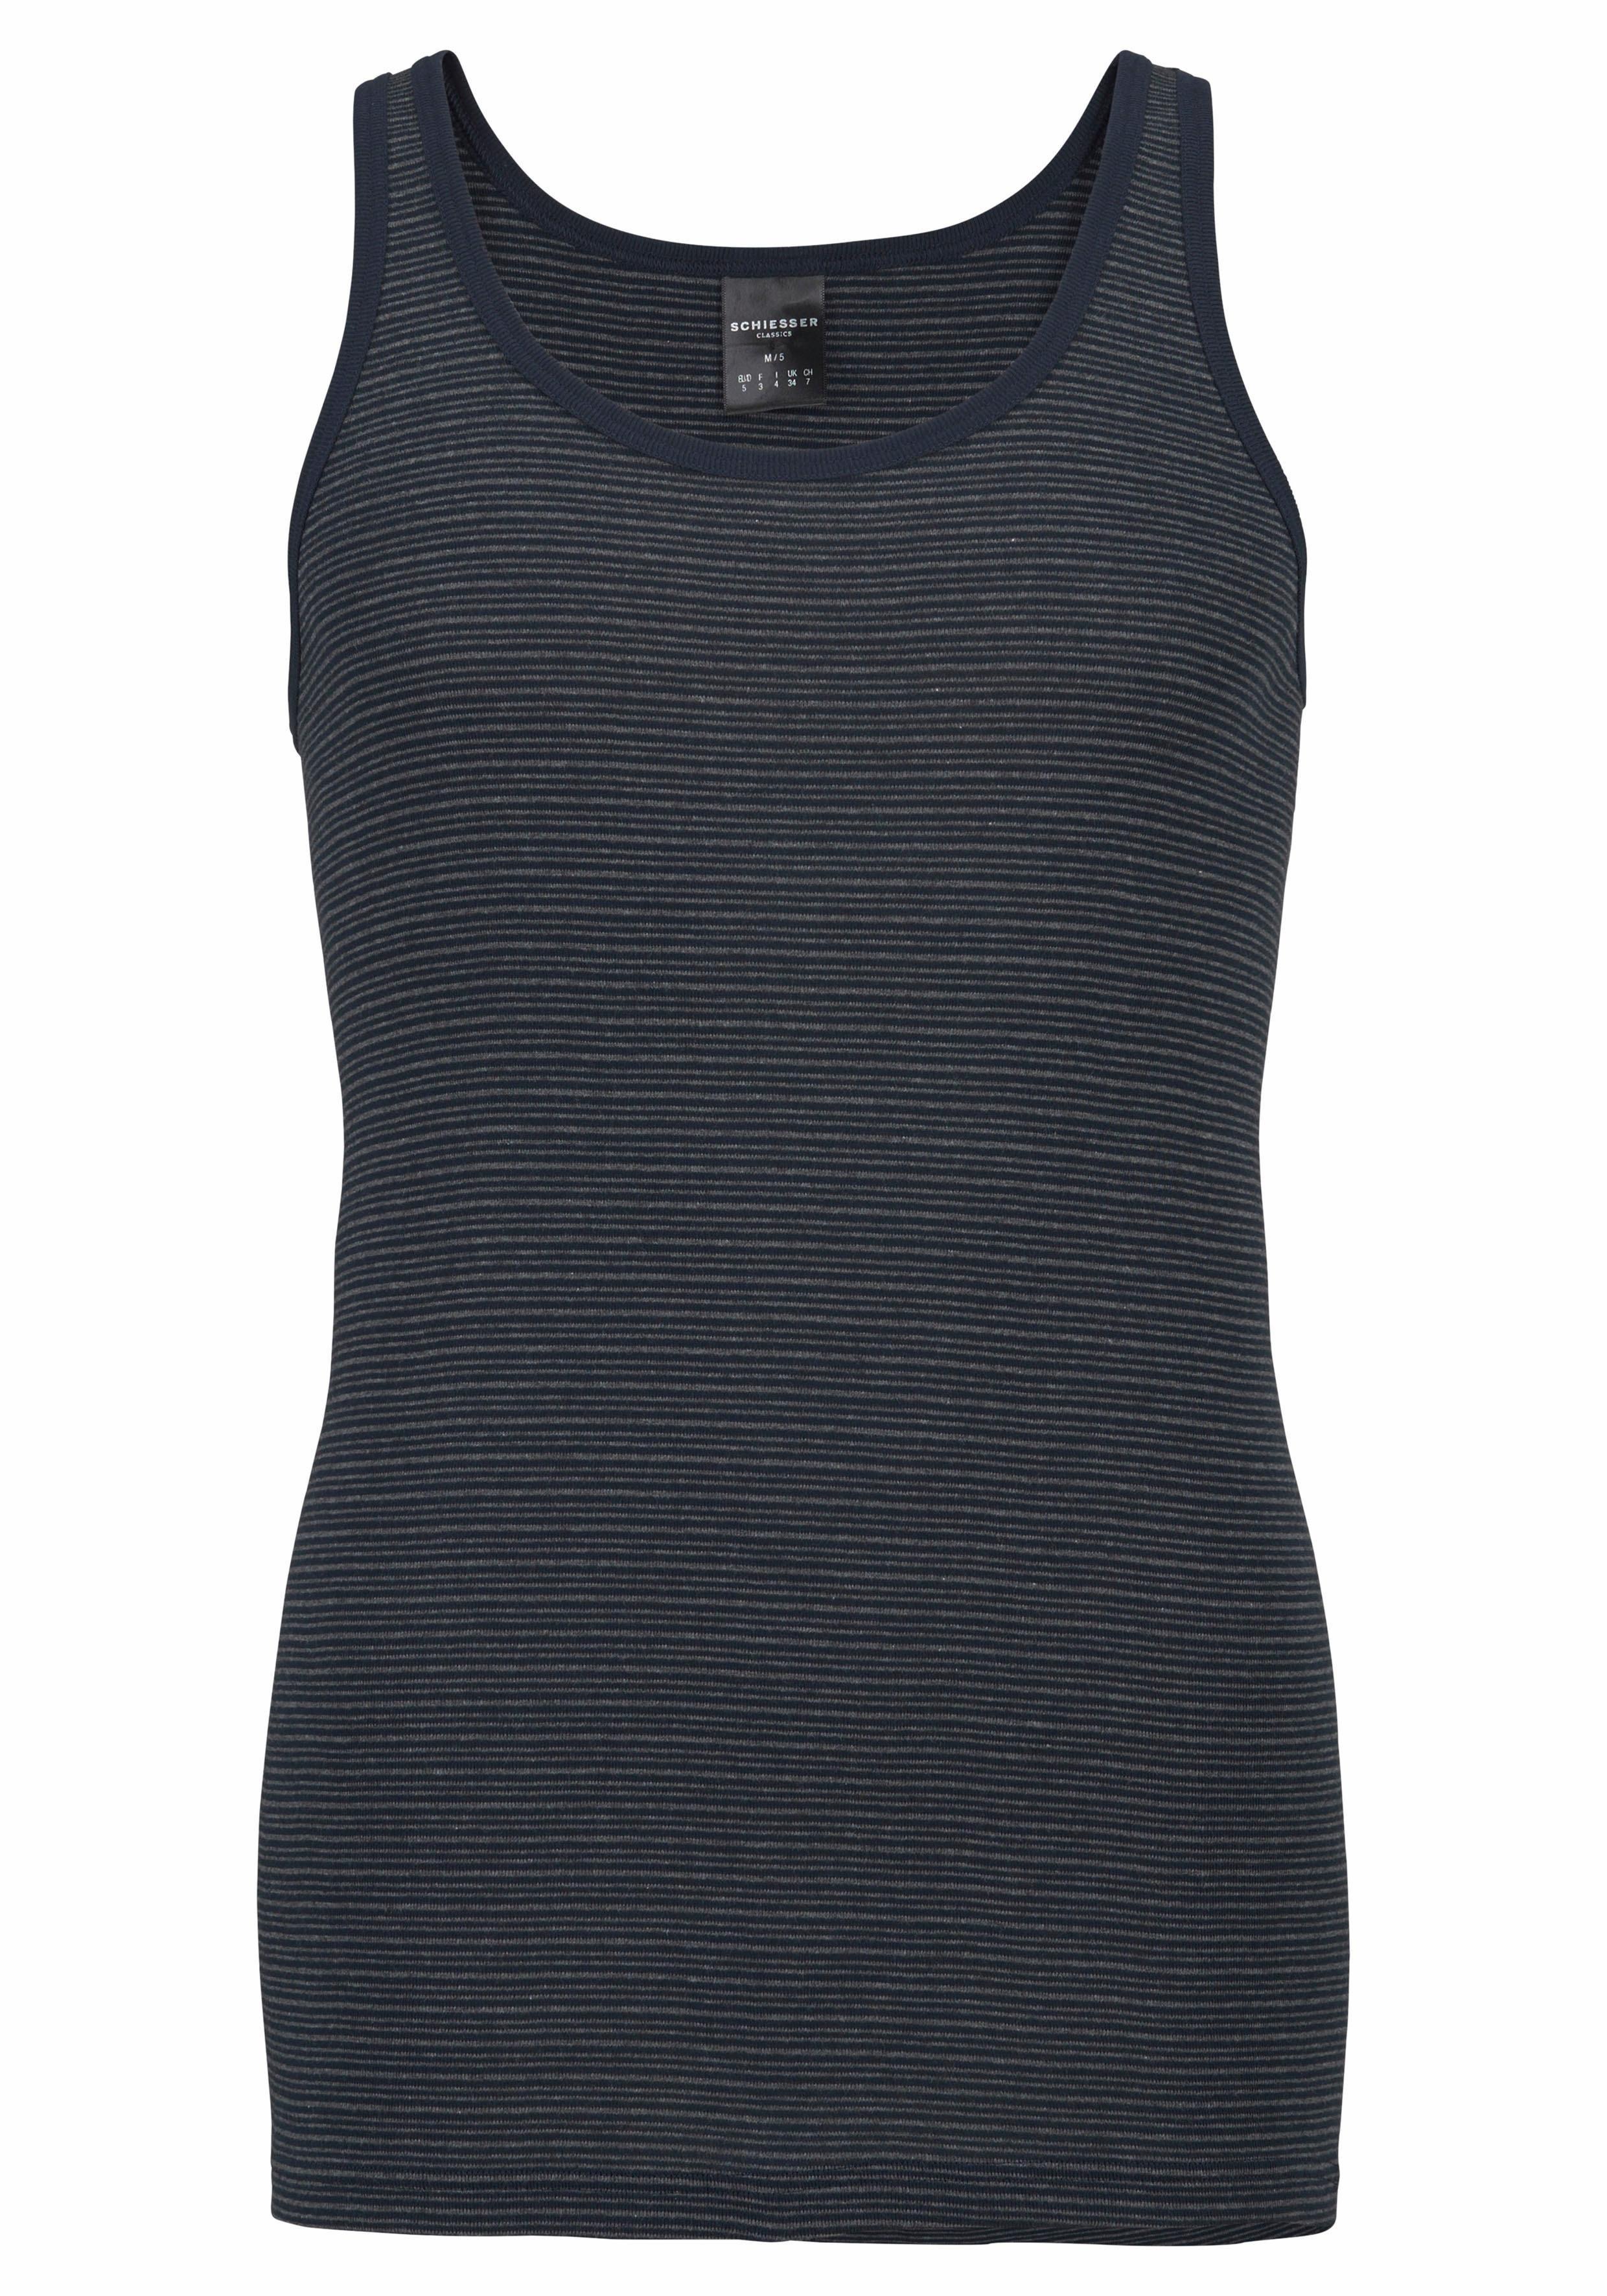 Schiesser fijngeribd hemd gestreept nu online kopen bij Lascana